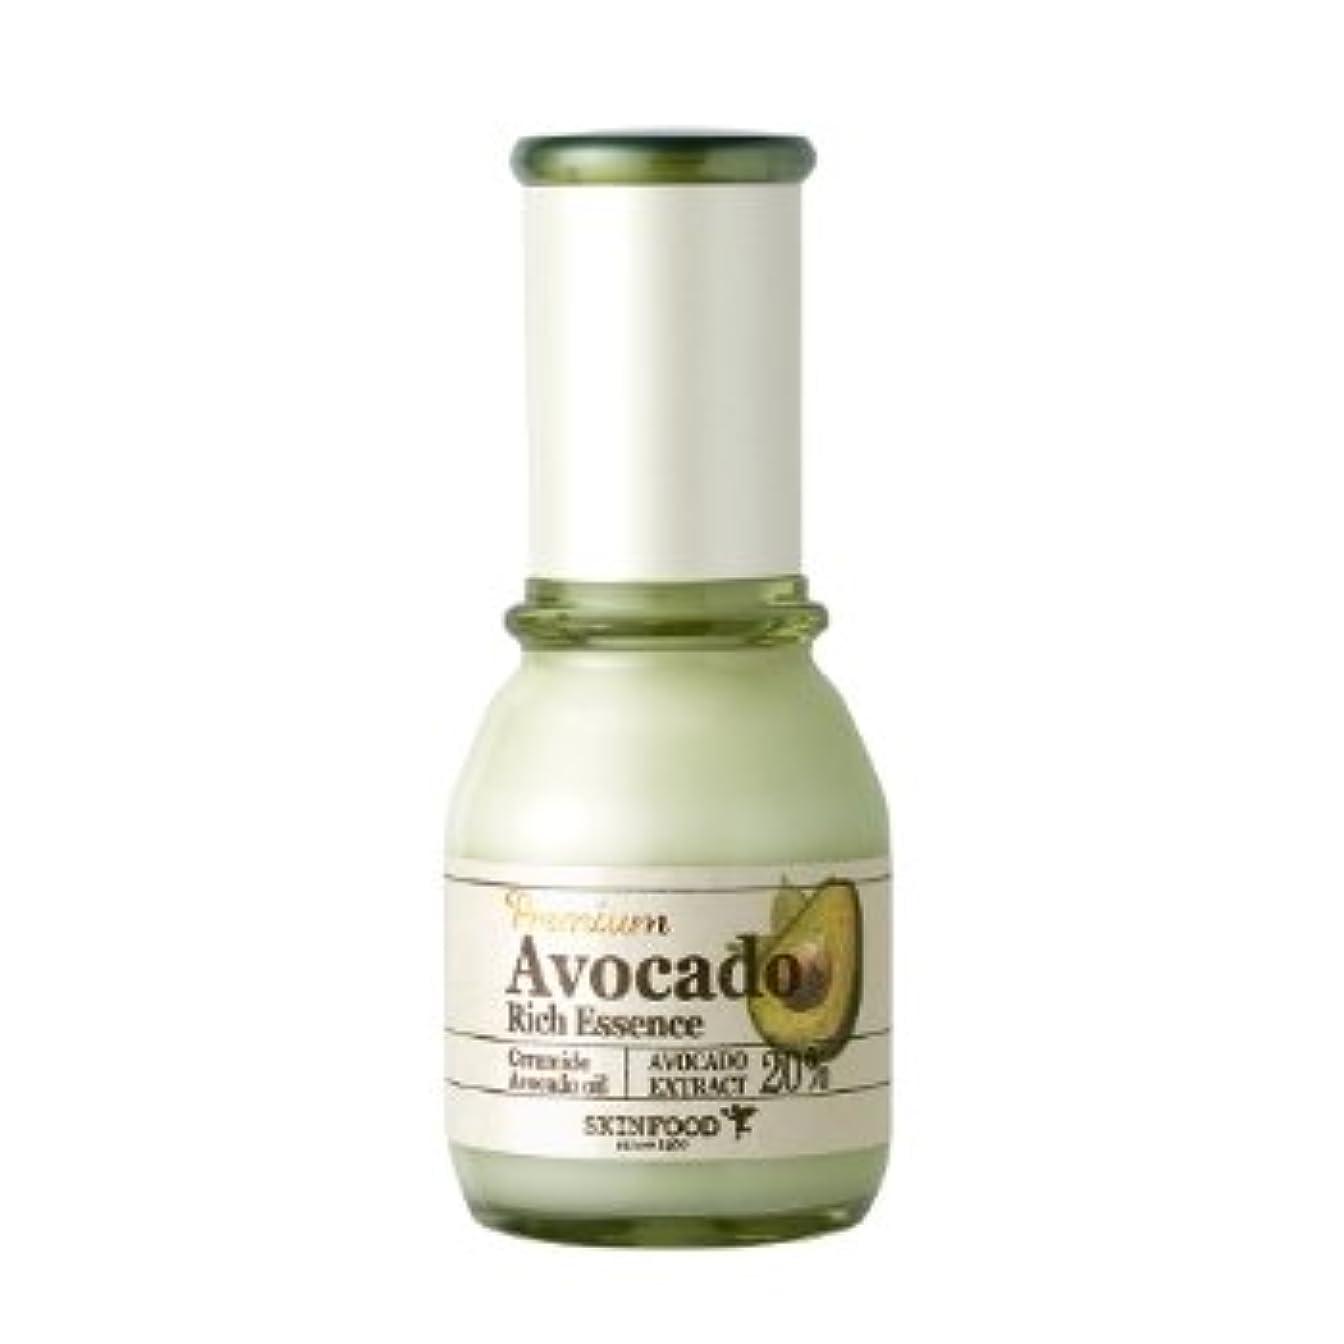 提案する学部指定するスキンフード [Skin Food] プレミアム アボカド リーチ エッセンス 50ml / Premium Avocado Rich Essence 海外直送品